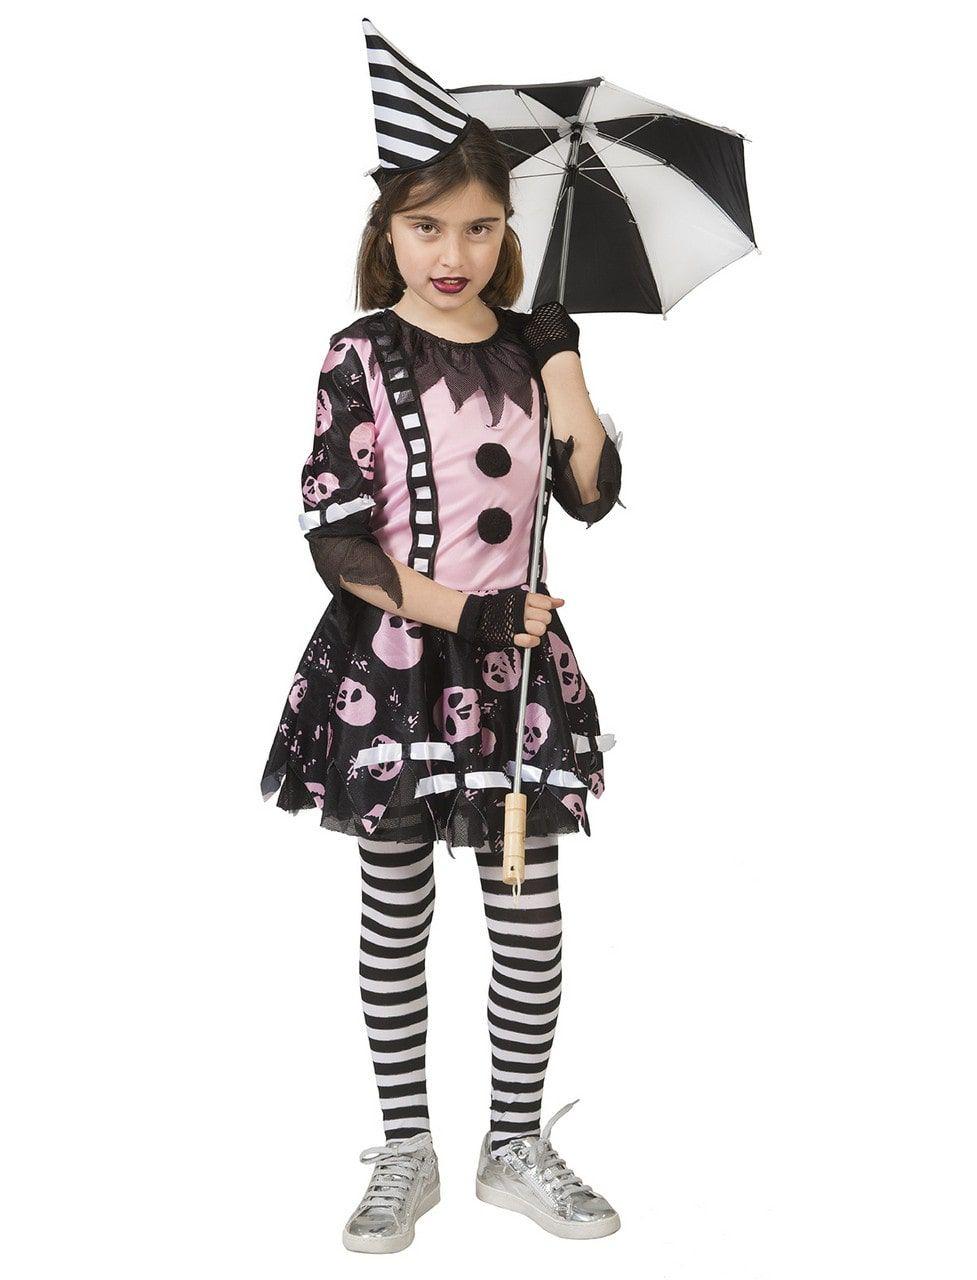 Enge Clown Roze Schedels Meisje Kostuum